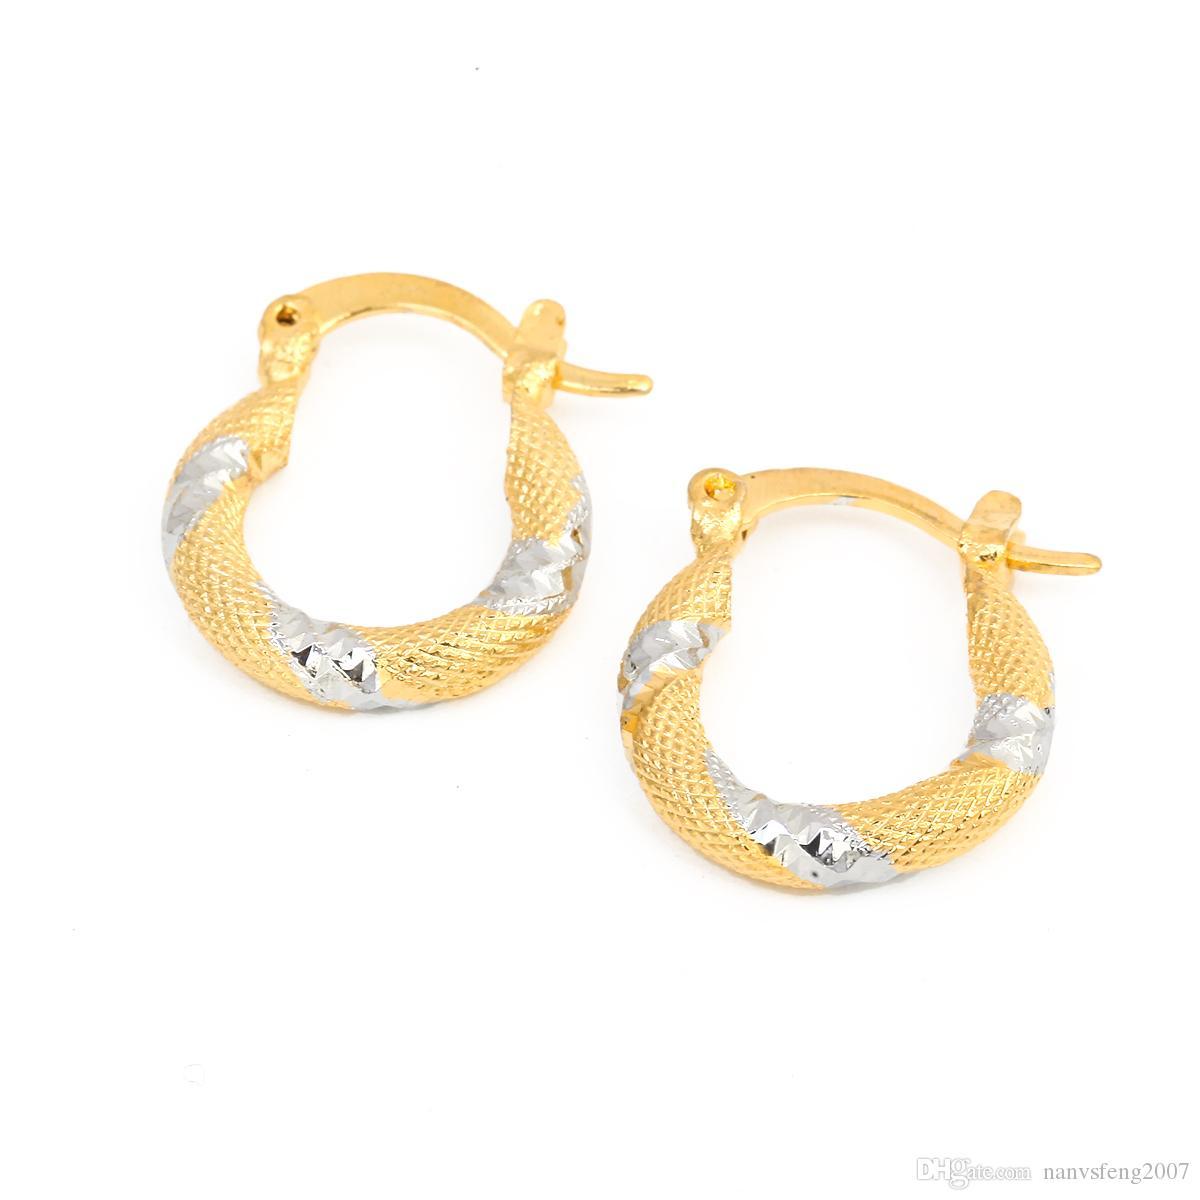 Orecchini a cerchio con due anelli ovali dorati a due tonalità